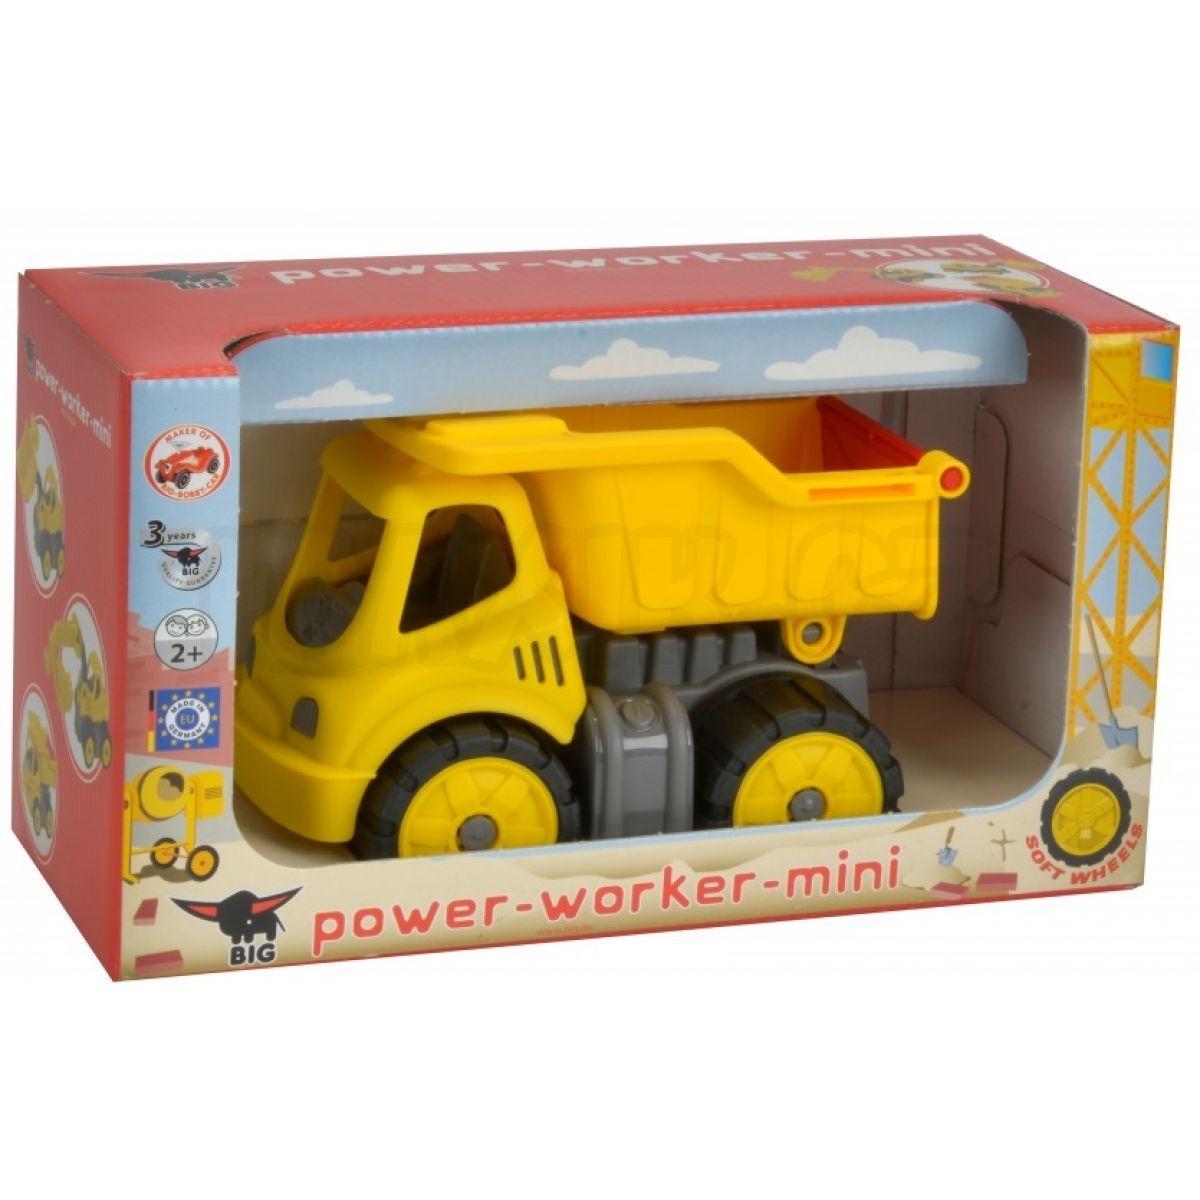 big power worker mini skl p ka 16 5cm max kovy hra ky. Black Bedroom Furniture Sets. Home Design Ideas